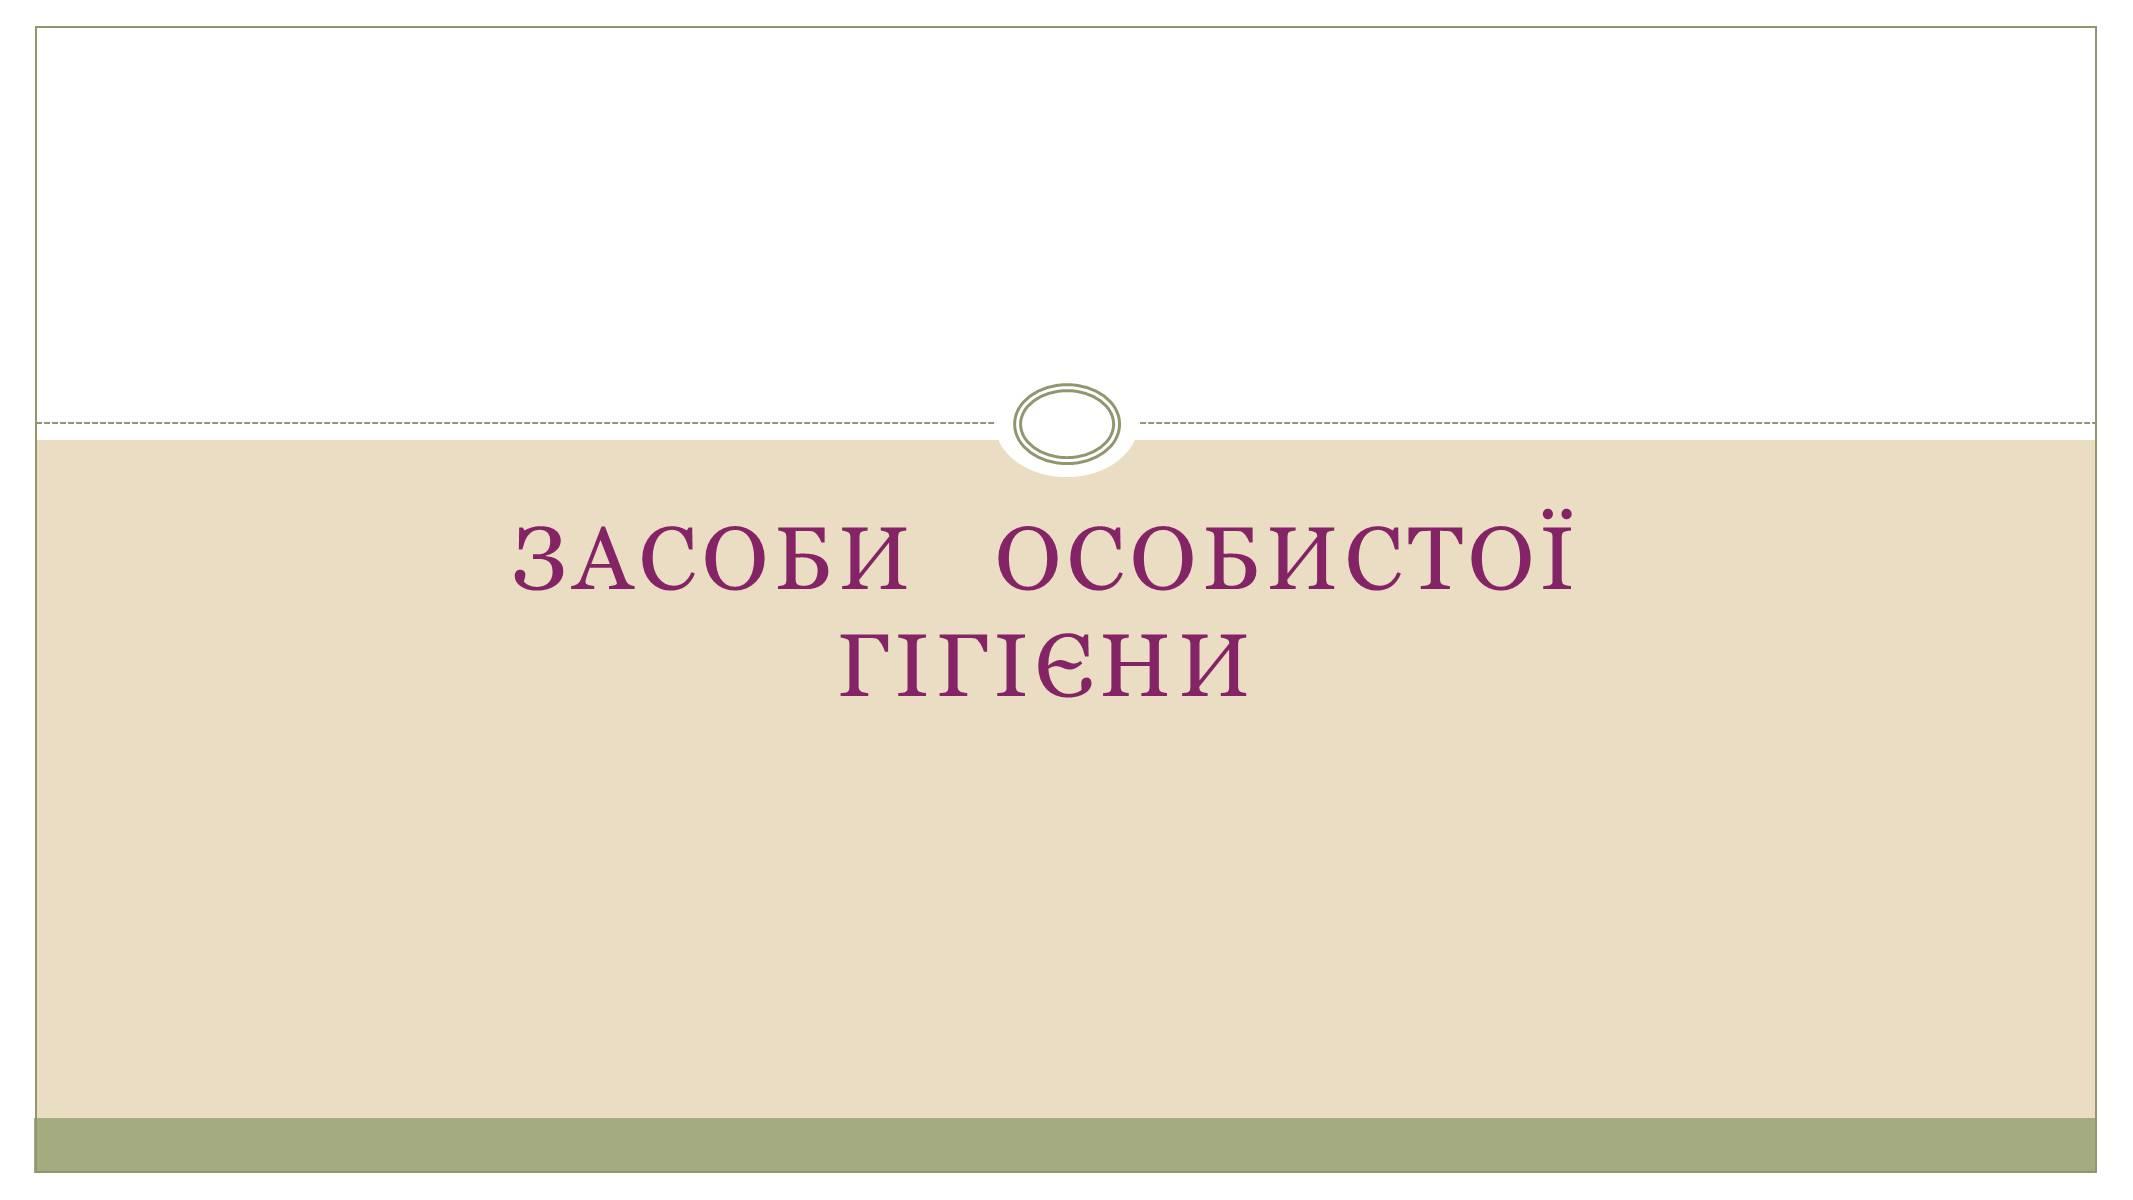 Презентація на тему «Засоби особистої гігієни» (варіант 1) 4a59c7e02e22b